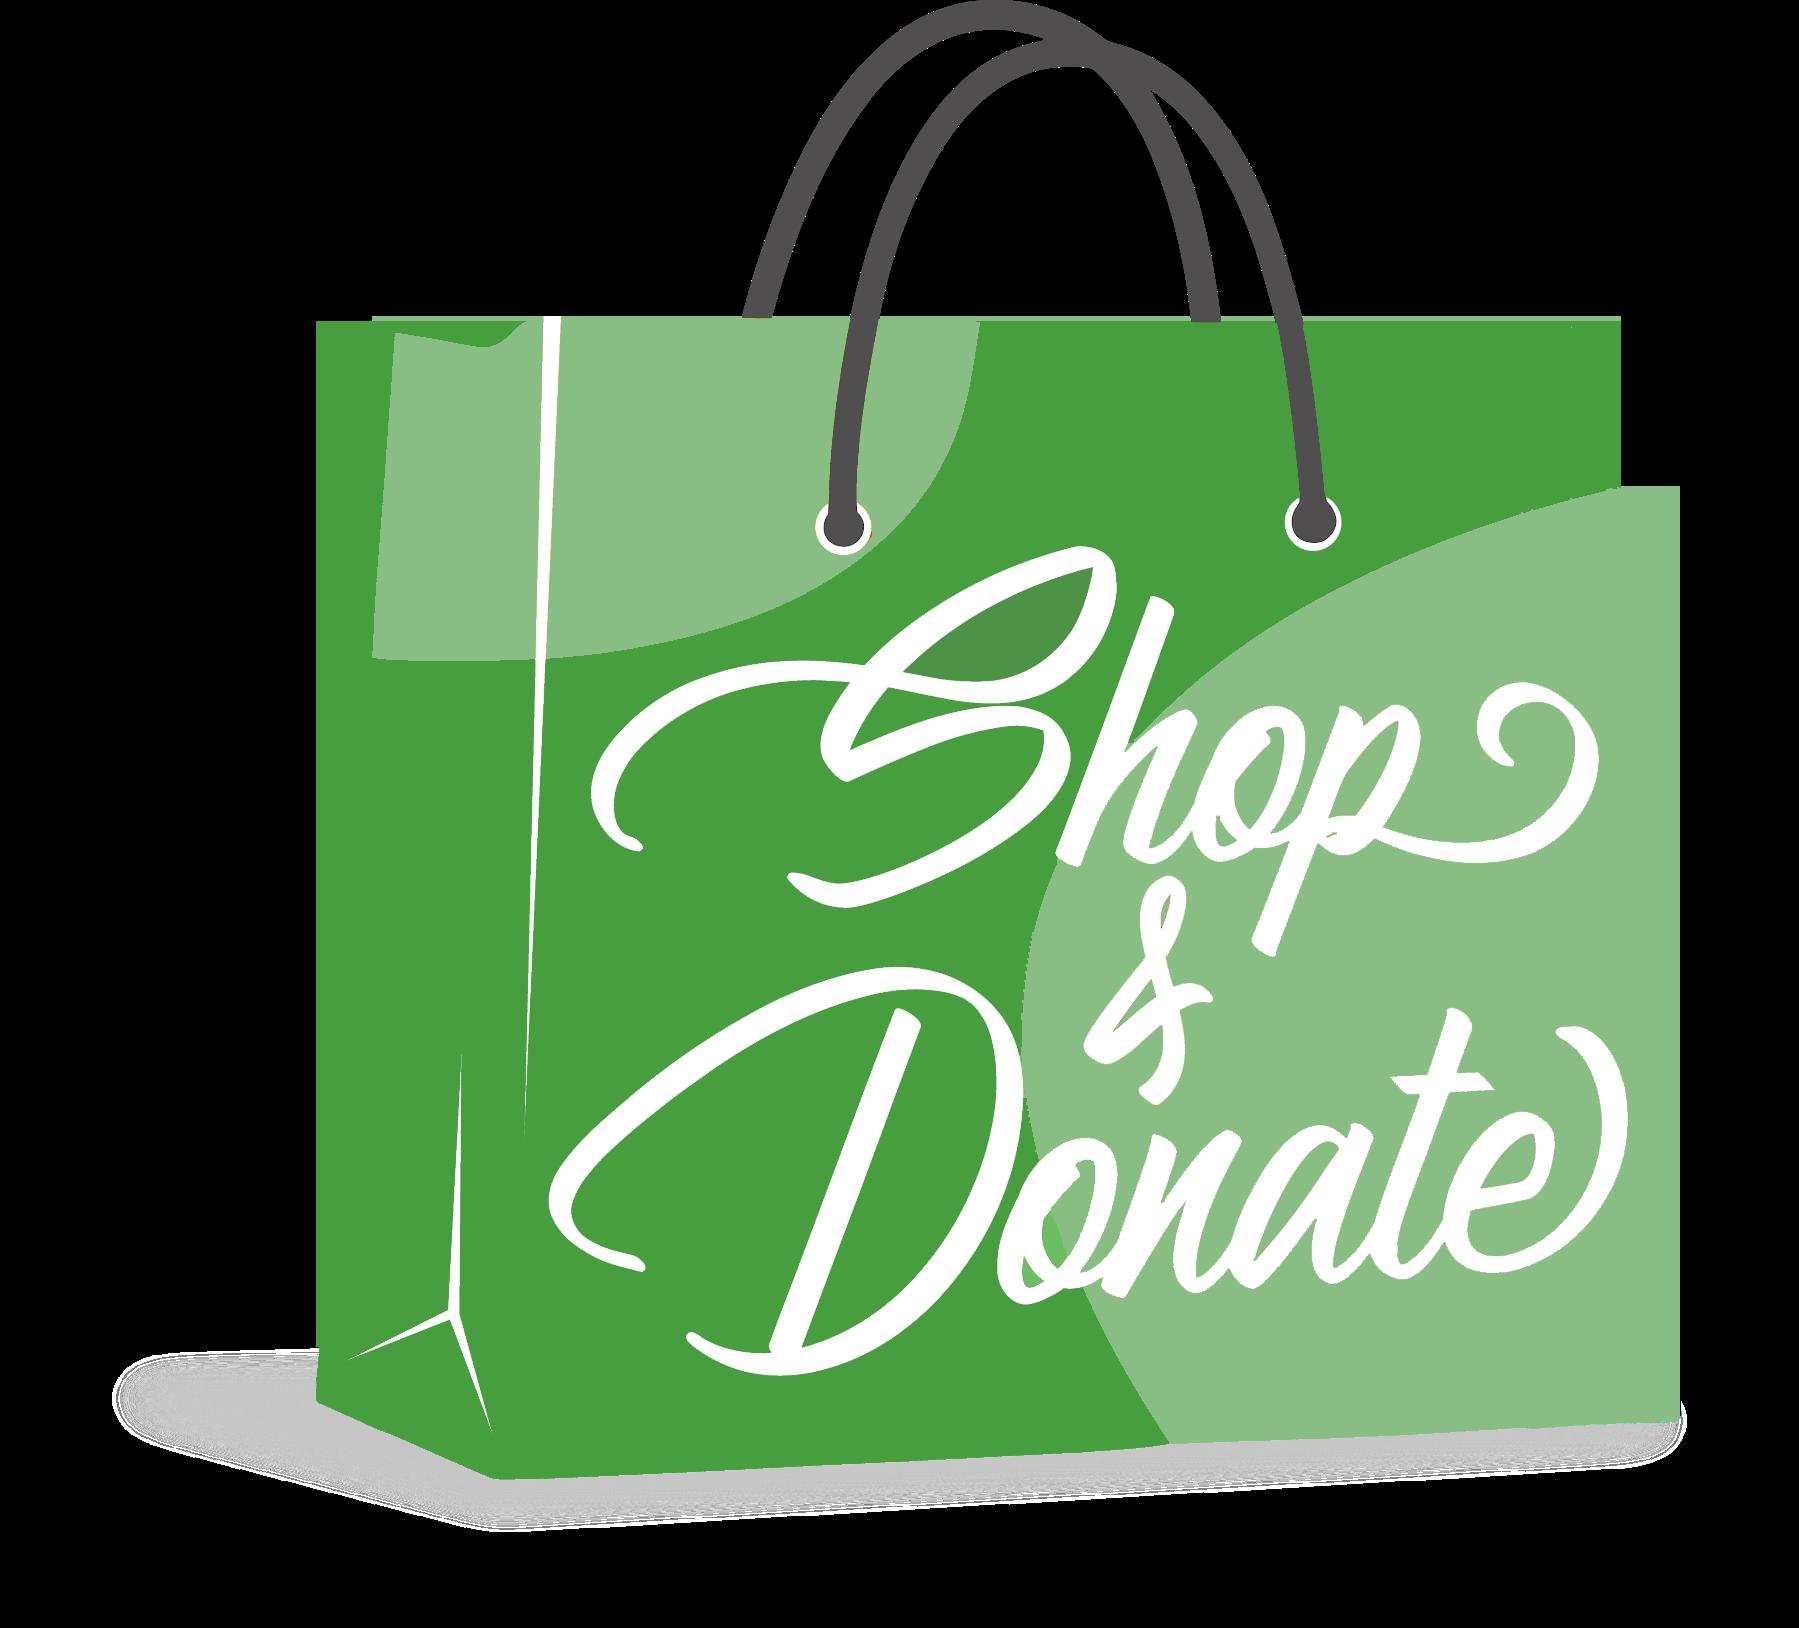 Shop & Donate